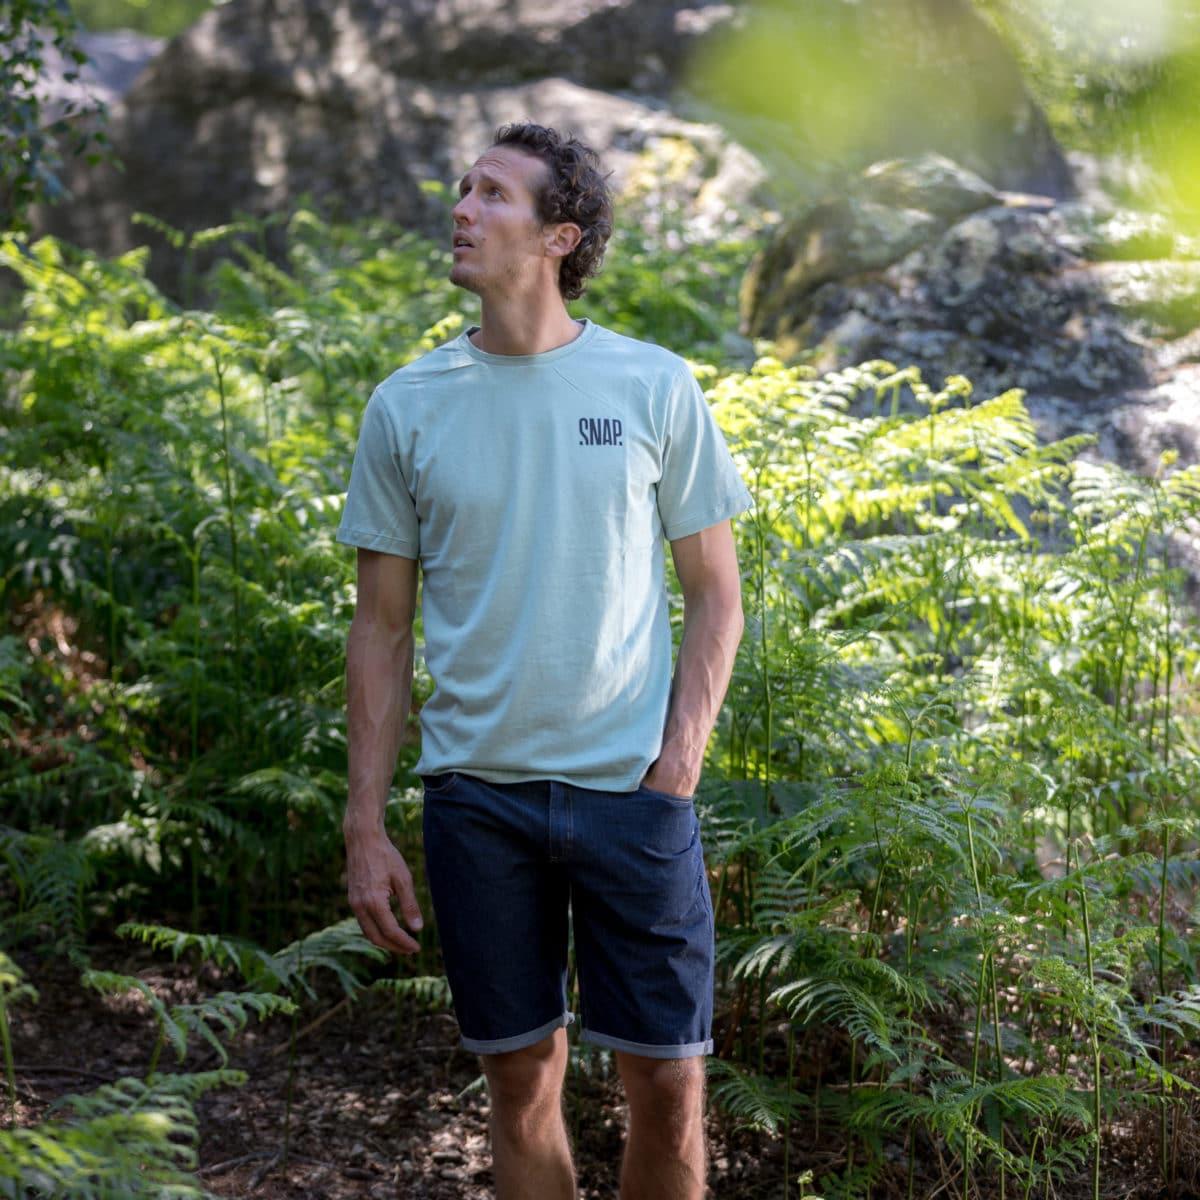 denim shorts for man